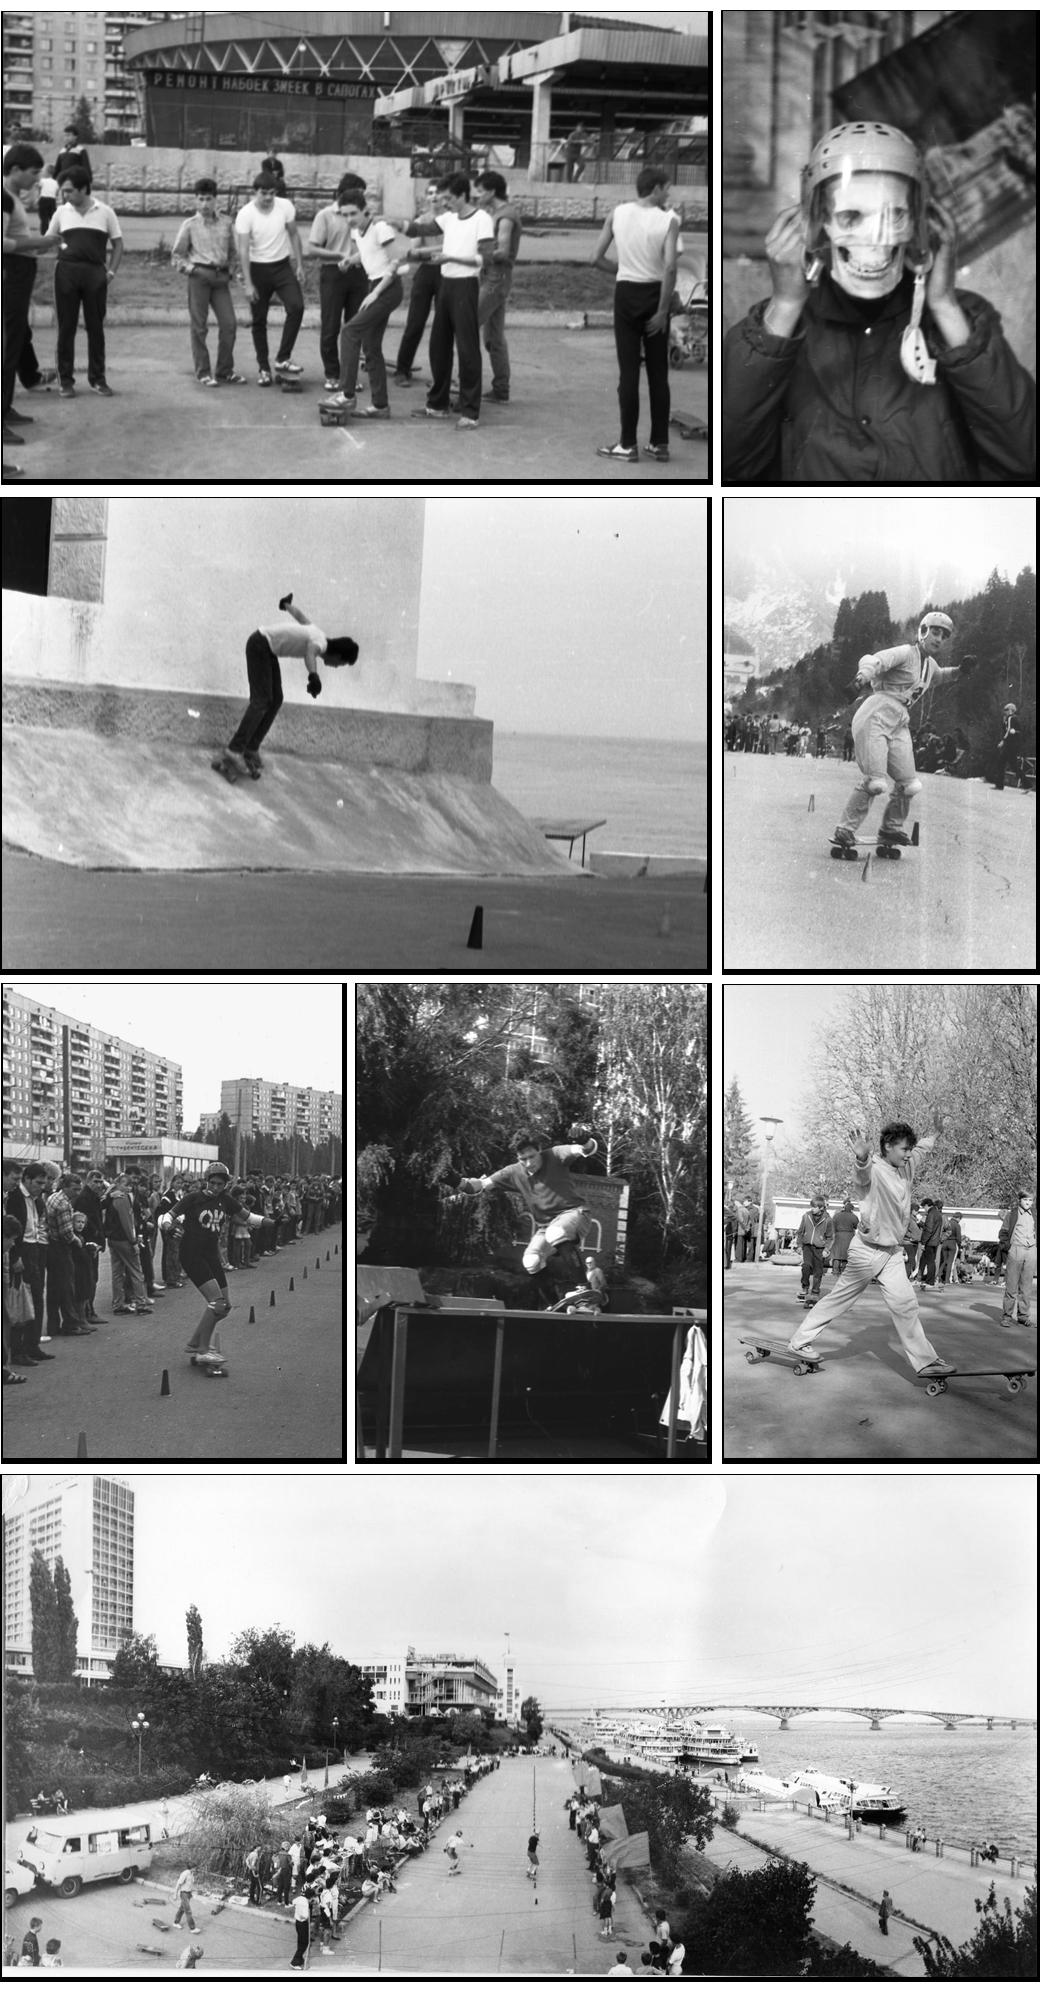 Фотоархив: Скейтеры в Советском Союзе и после перестройки. Изображение № 1.